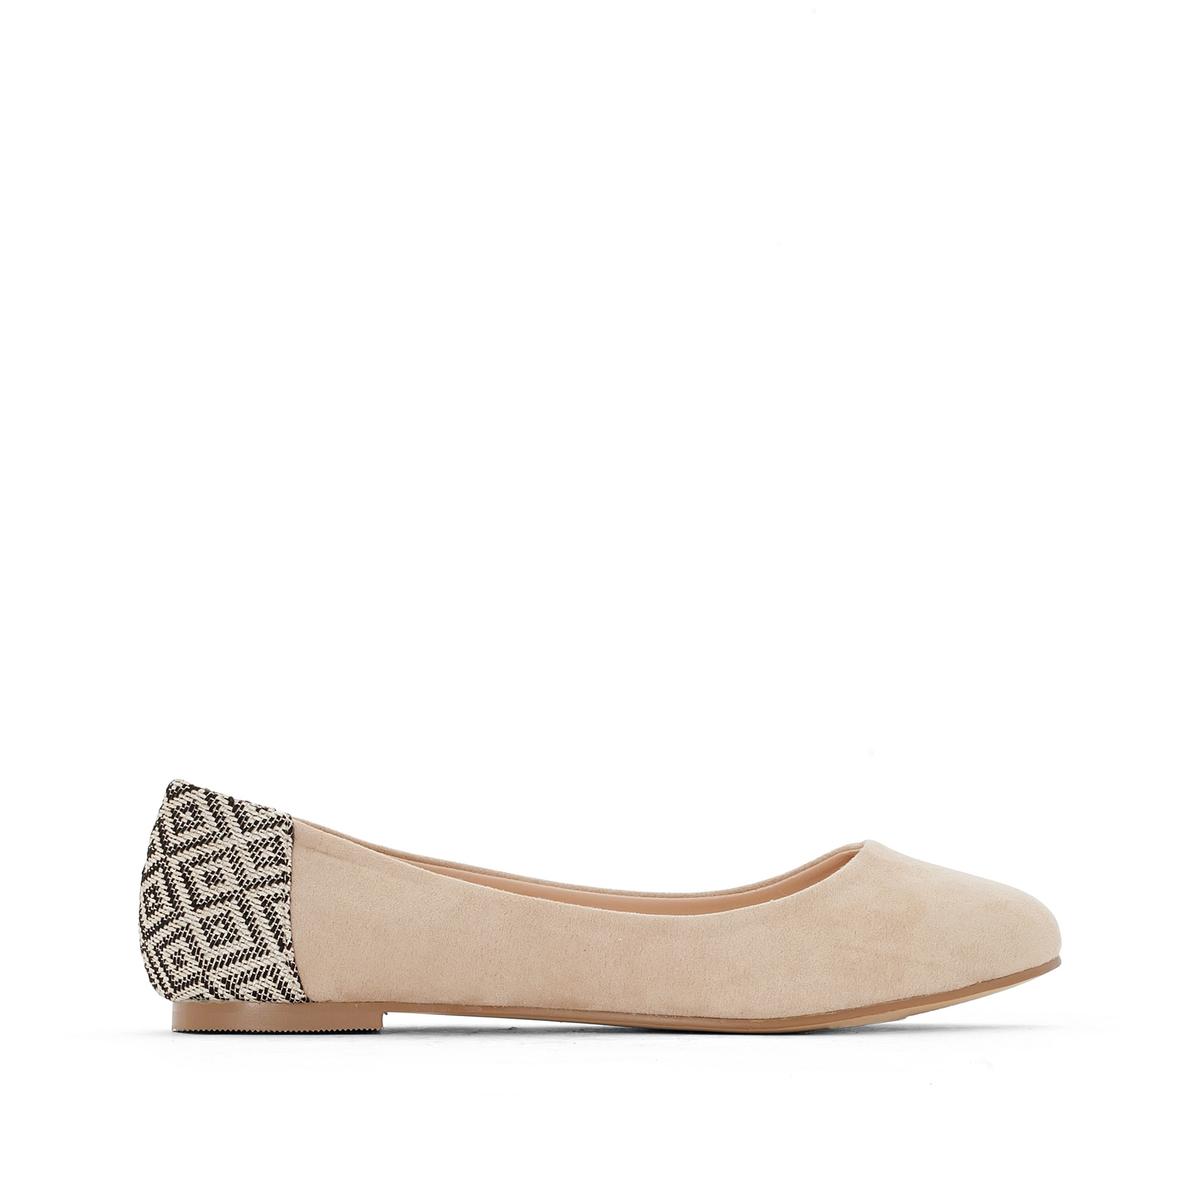 Купить со скидкой Балетки на плоском каблуке, подходят для широкой стопы, размеры 38-45